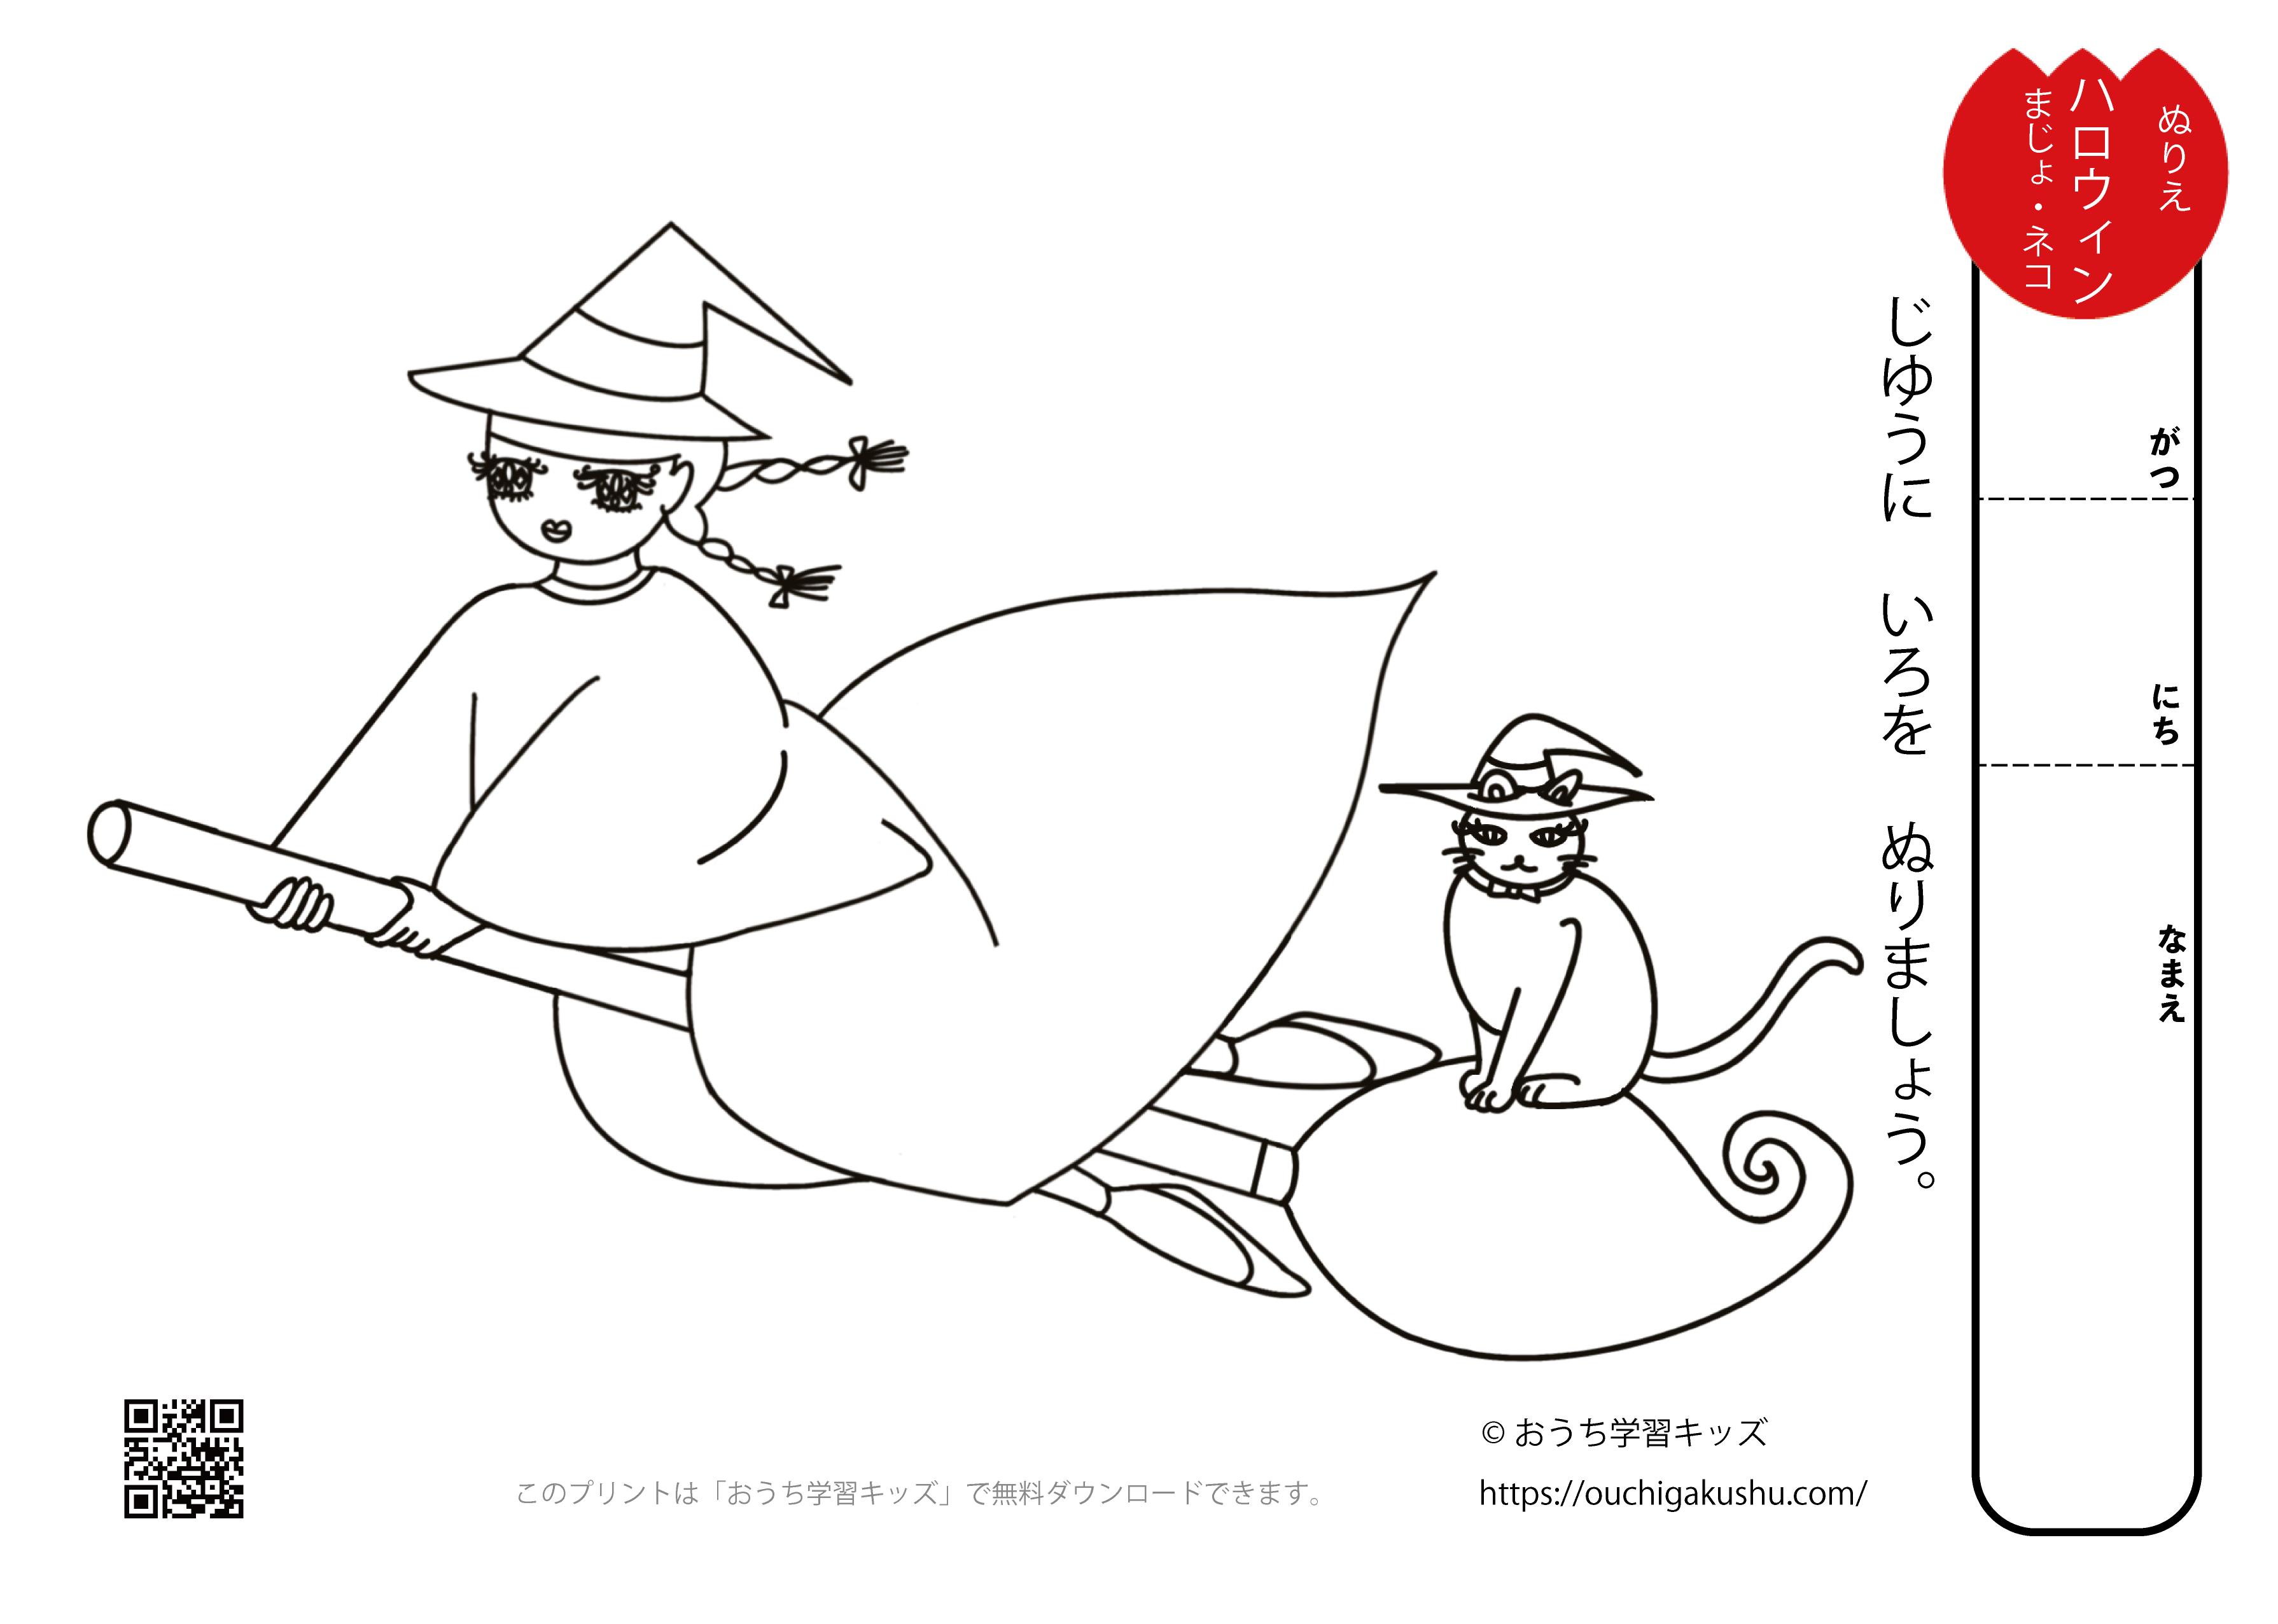 ハロウィンのぬりえプリント(ほうきに乗る魔女と猫)